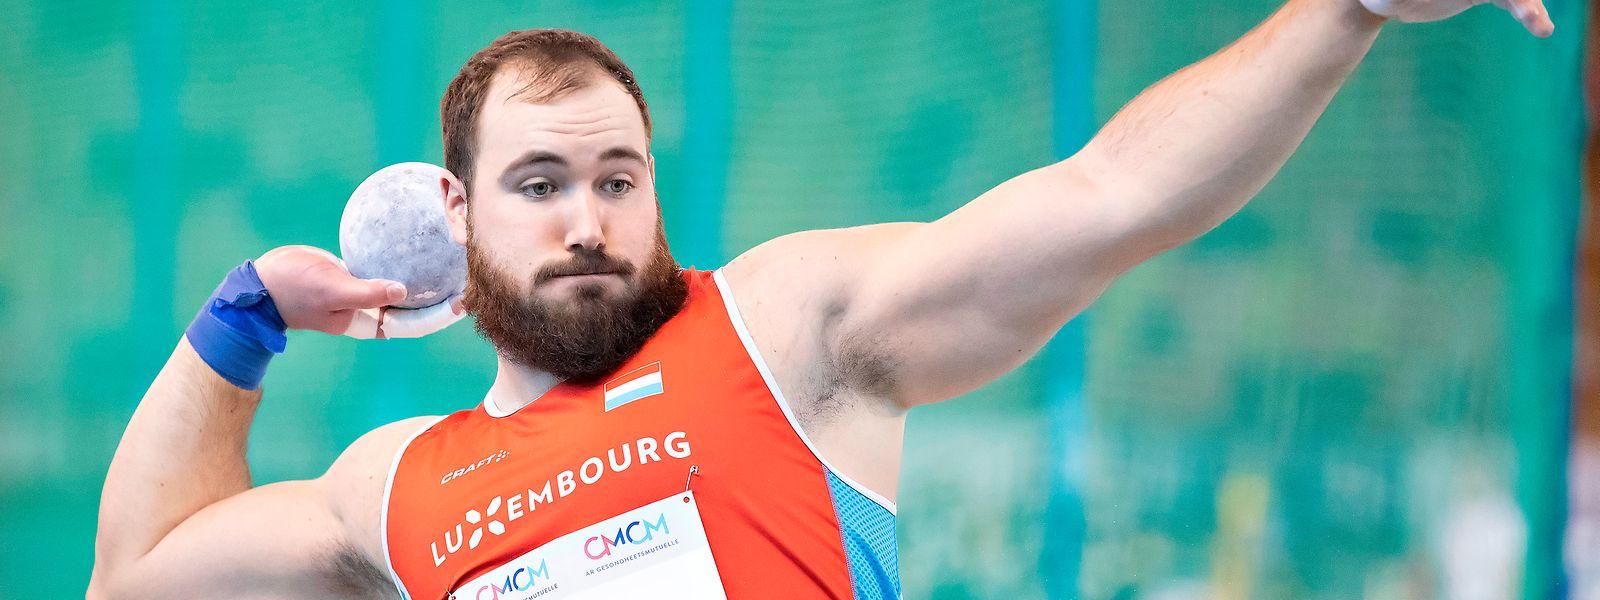 Bob Bertemes kann in Torun nicht an seine Saisonbestleistung von 20,65 m heranreichen.